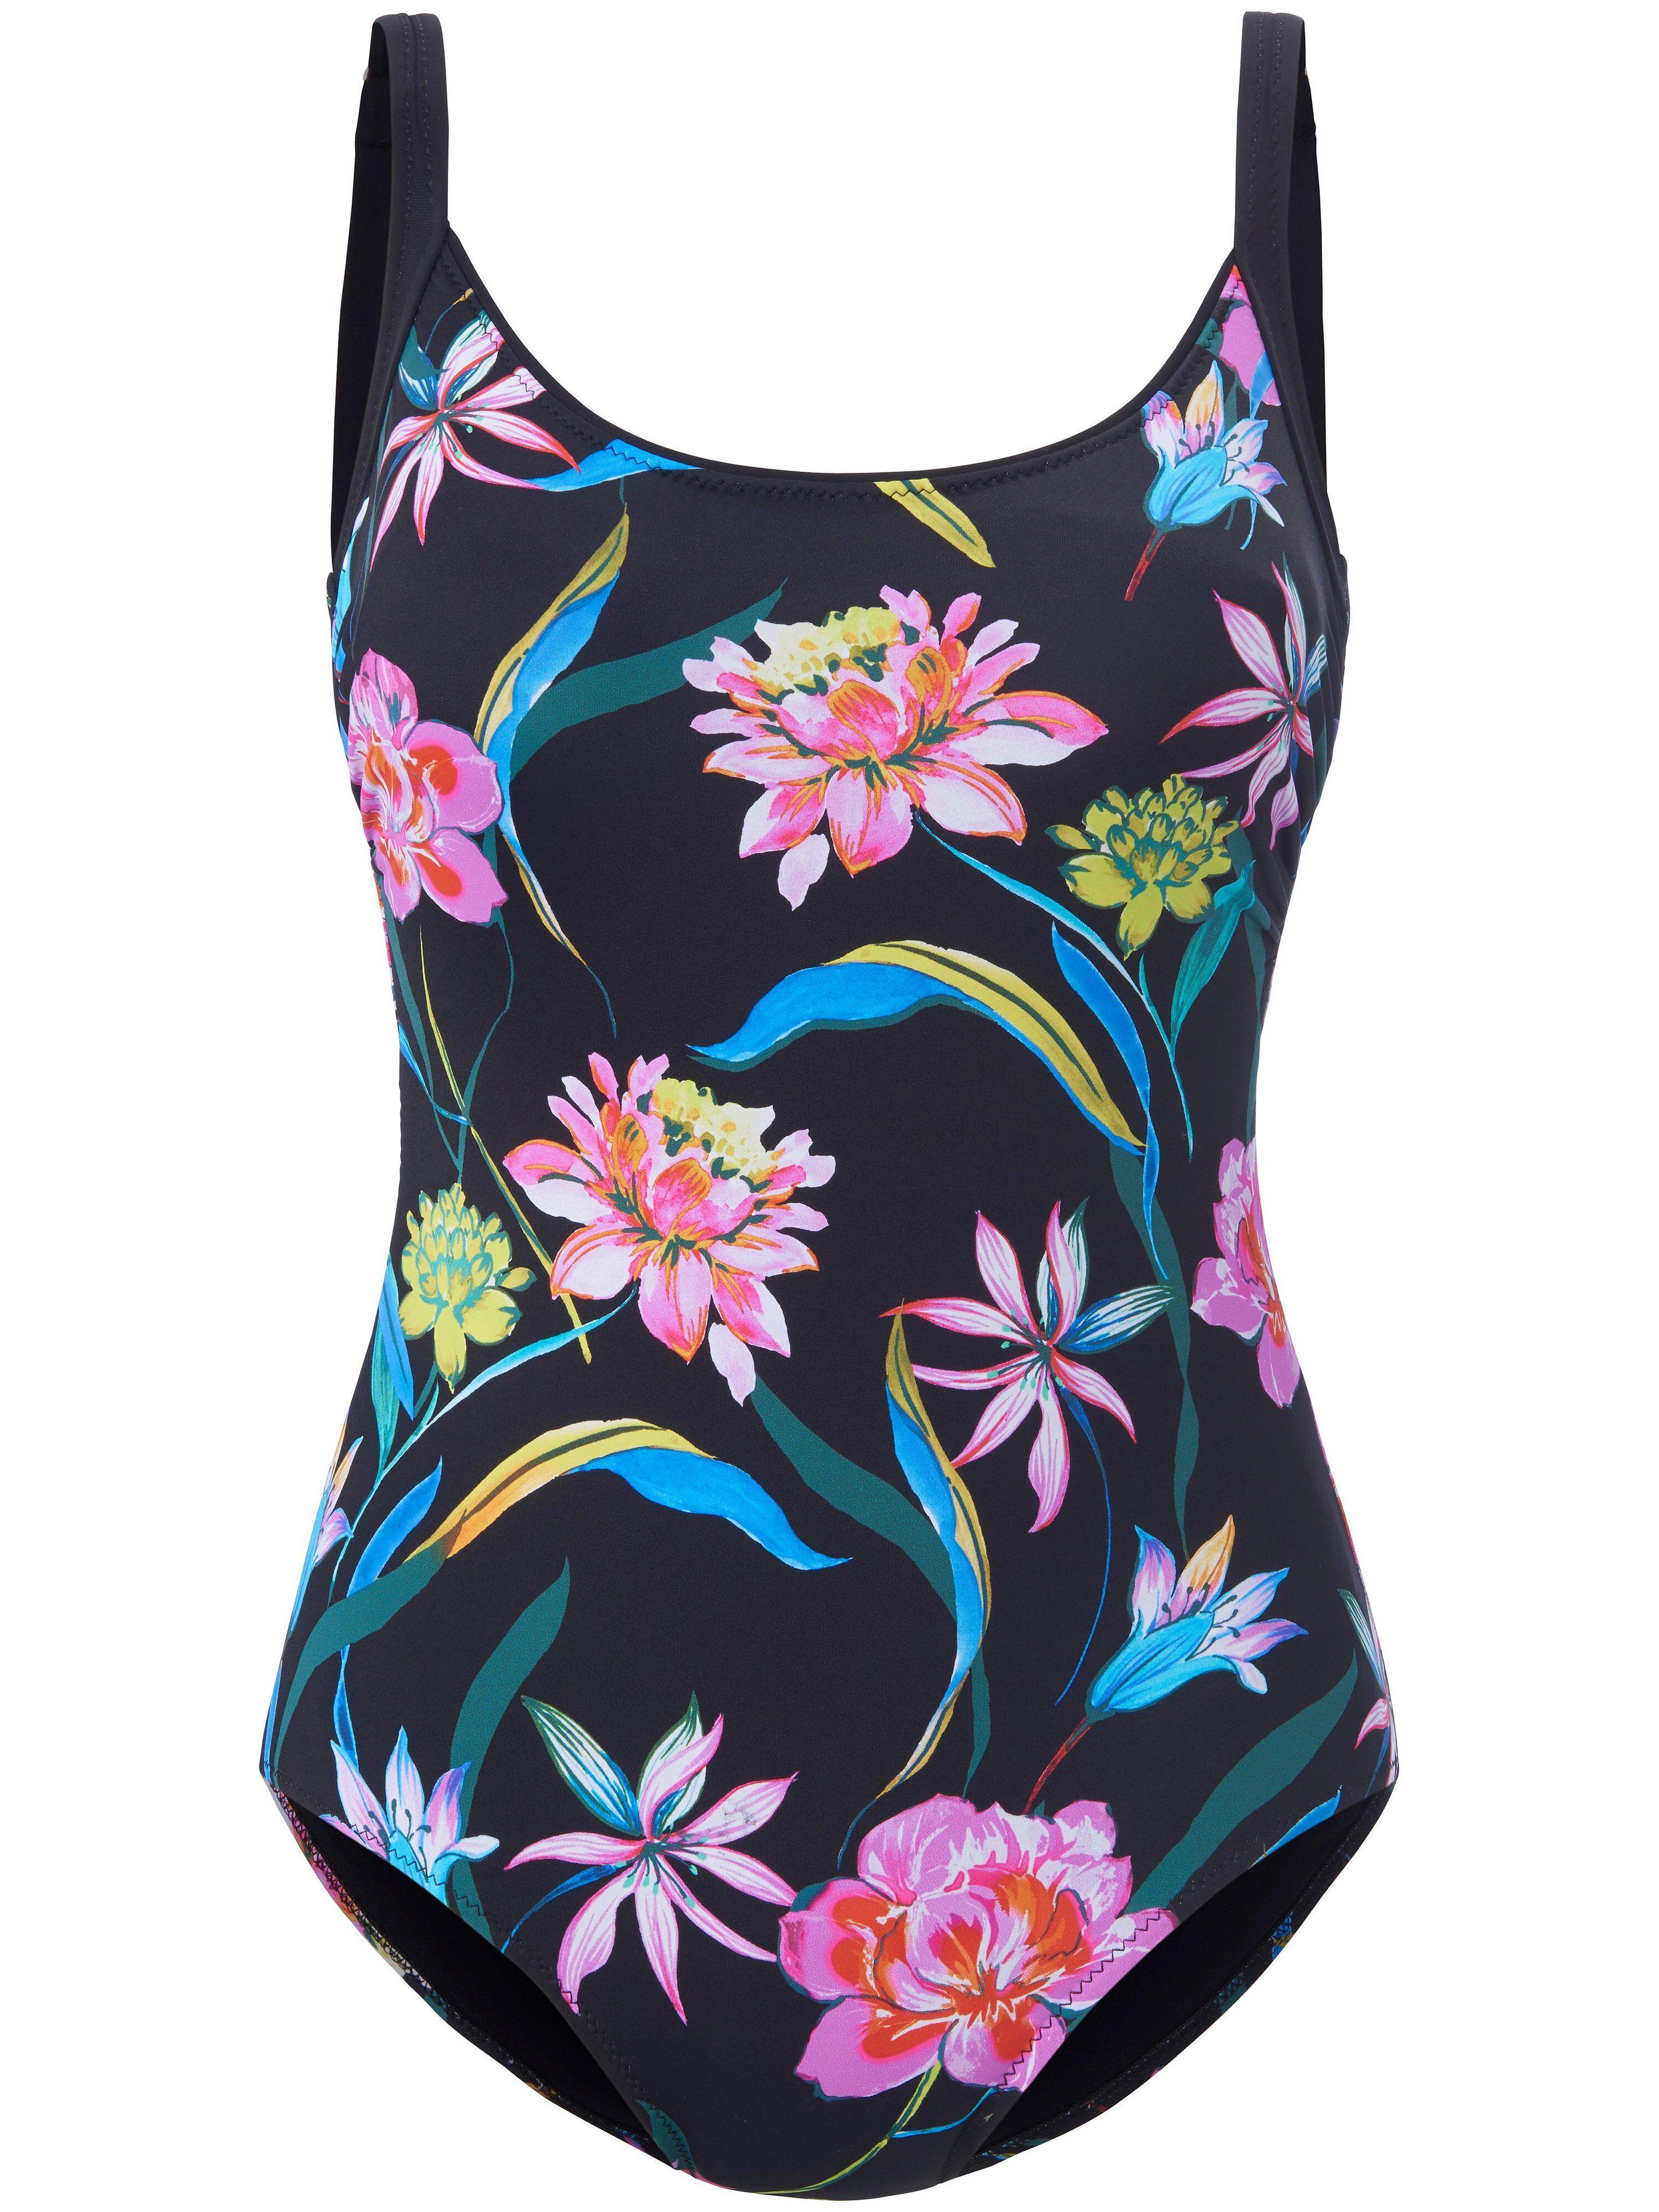 Grimaldimare Le maillot bain à imprimé fleuri  Grimaldimare noir  - Femme - 48